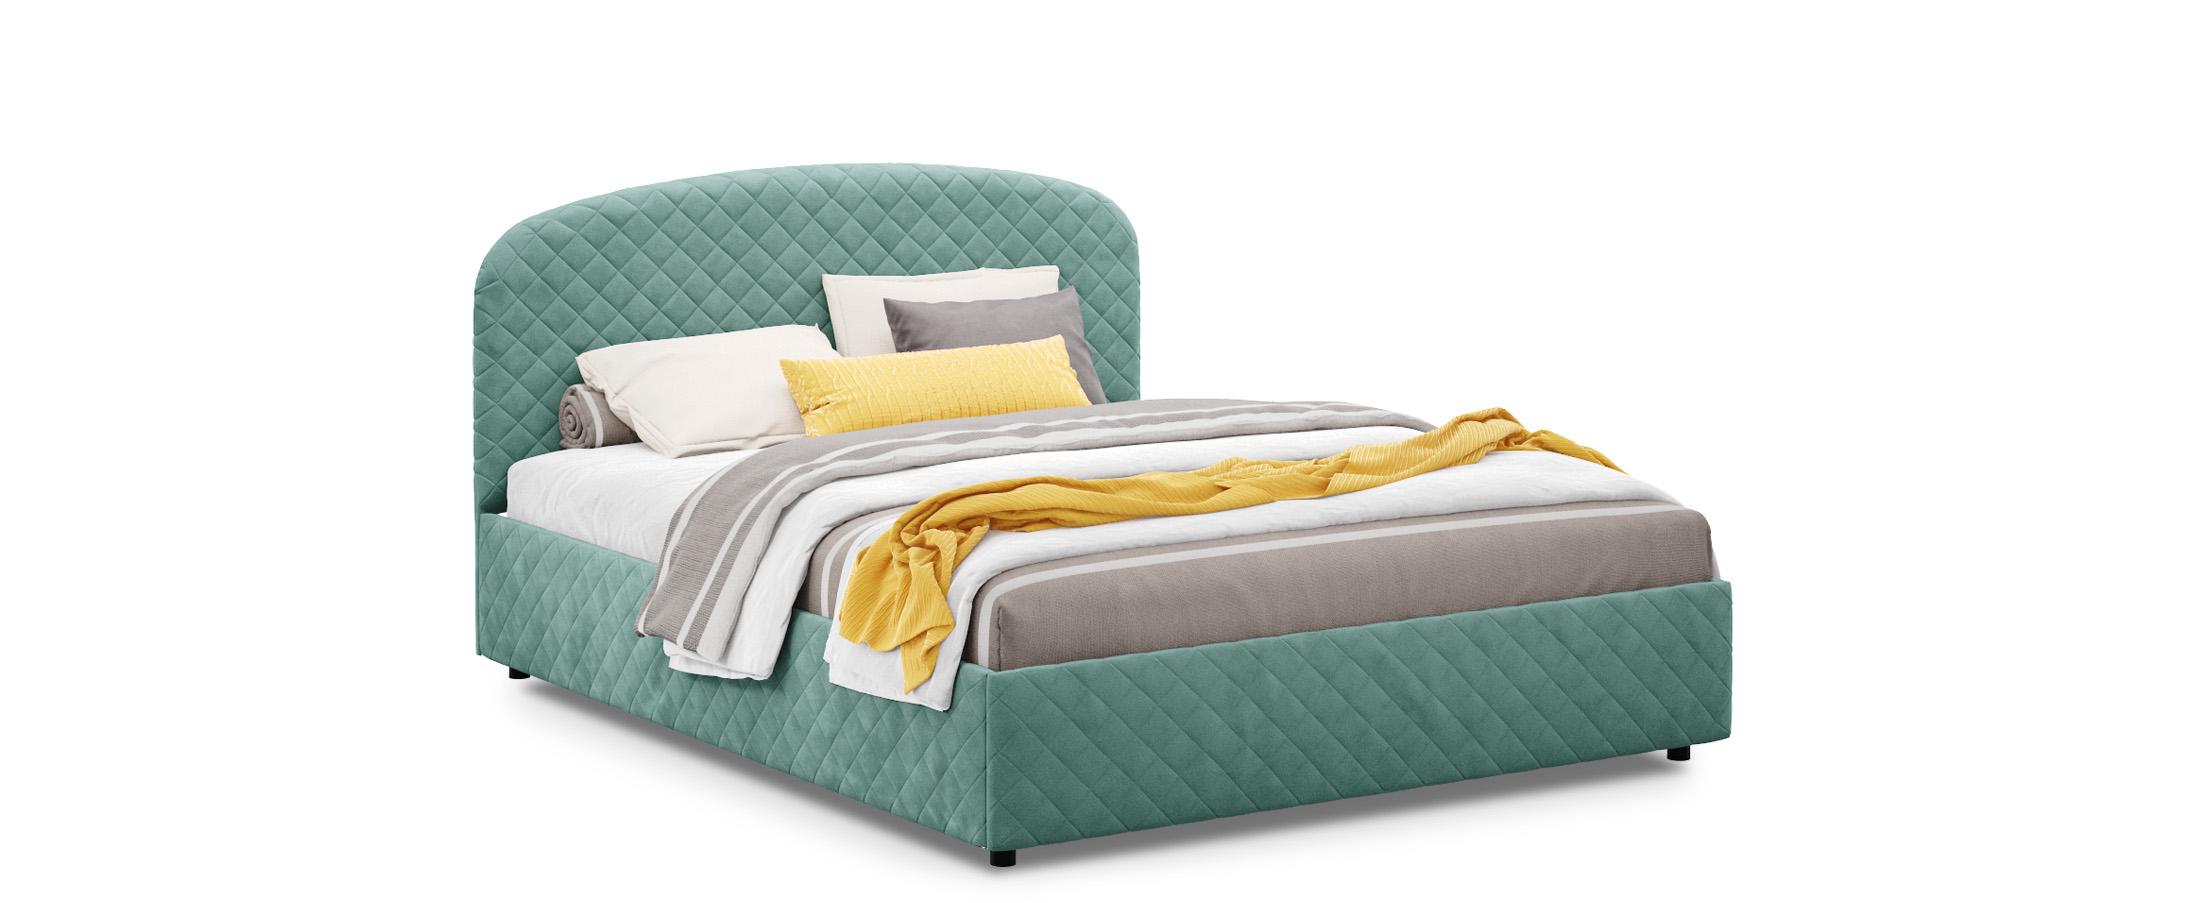 Кровать двуспальная Аллегра 180х200 Модель 1204